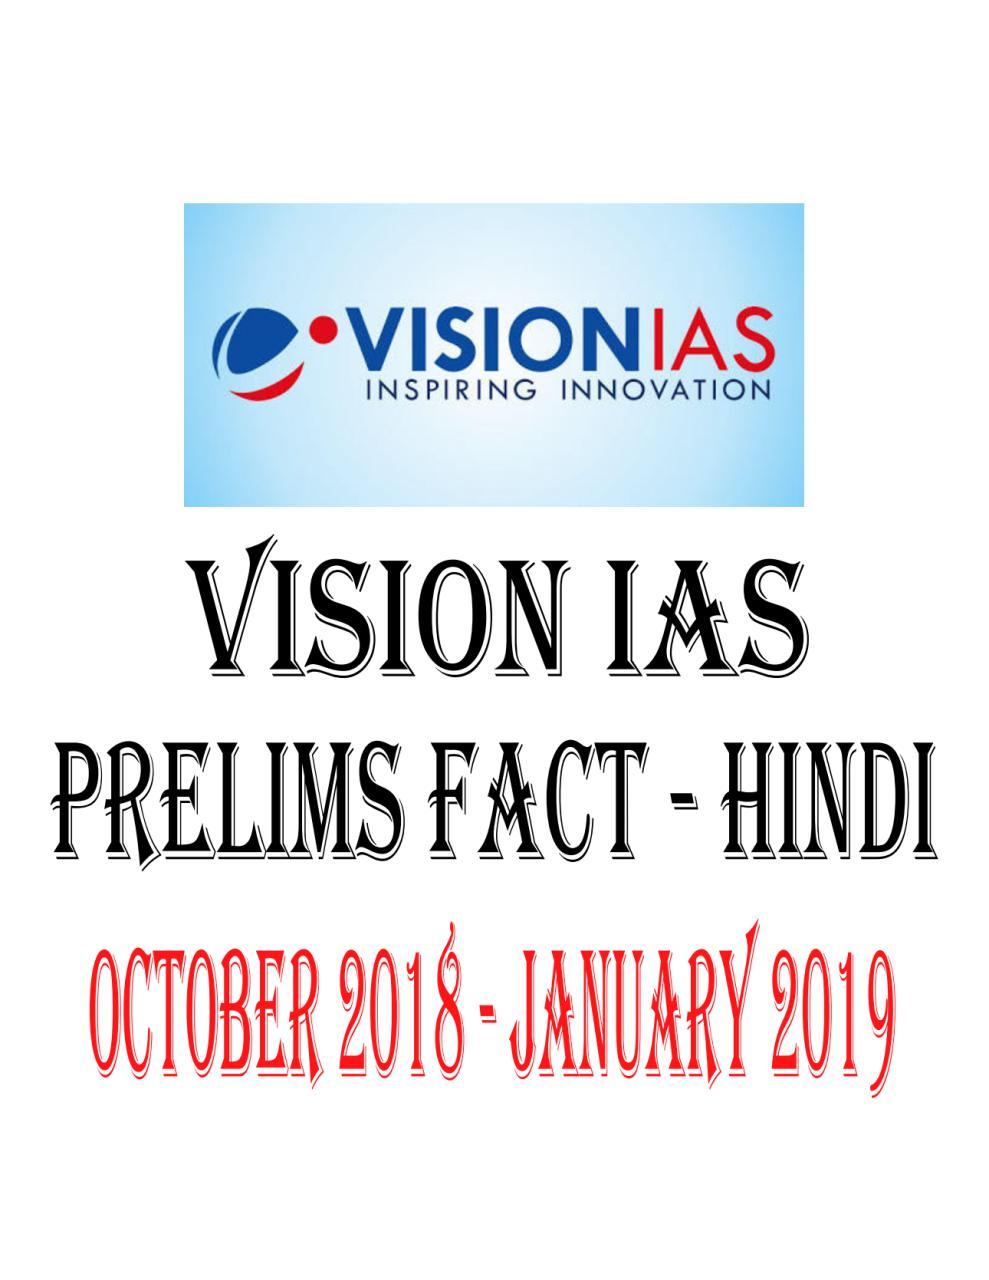 VISION IAS PRELIMS FACT HINDI OCTOBER 2018 - JANUARY 2019 | UPSC PDF